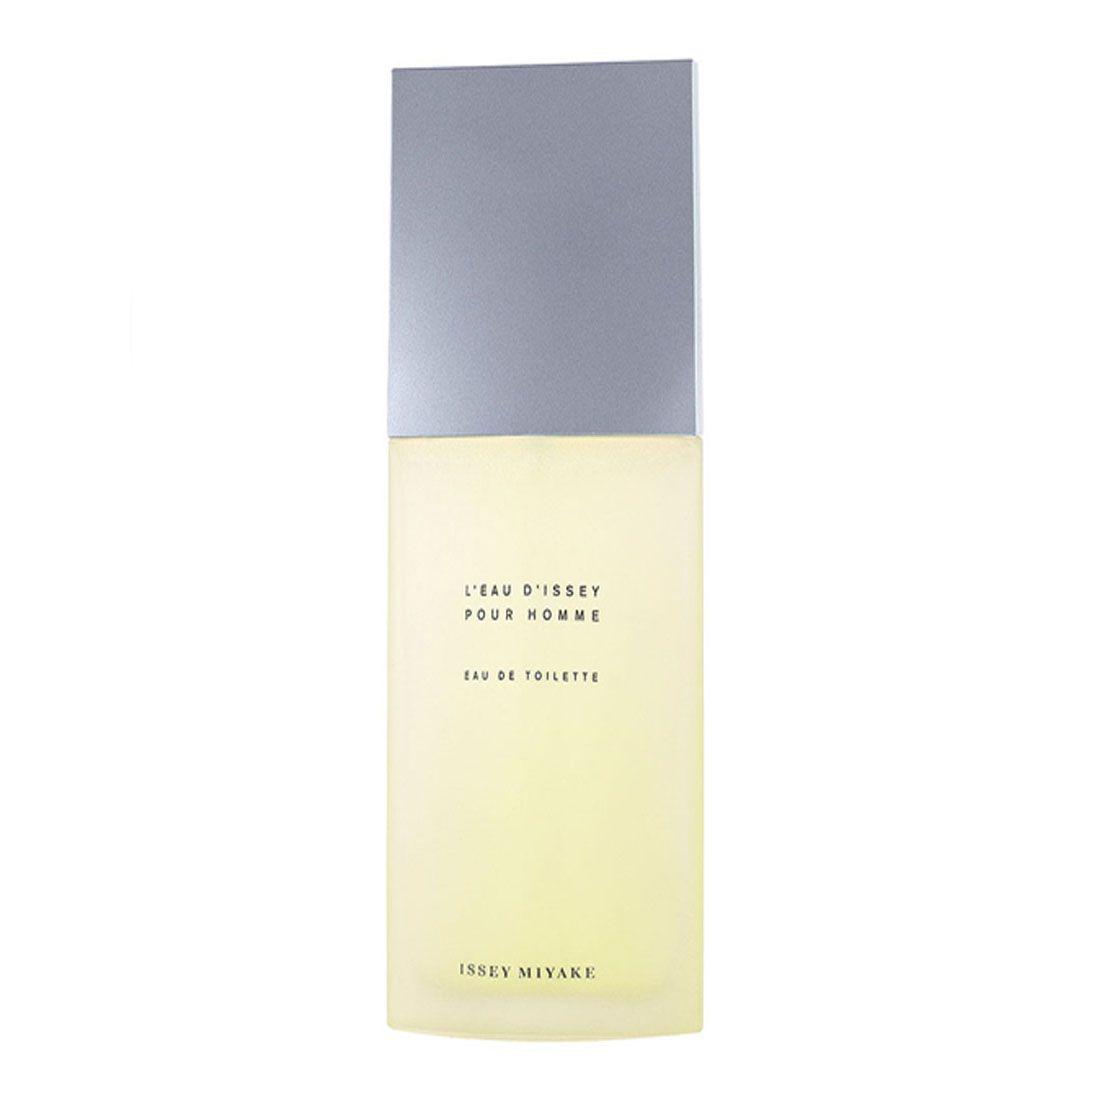 Perfume L'eau D'issey Pour Homme 125ml Eau de Toilette